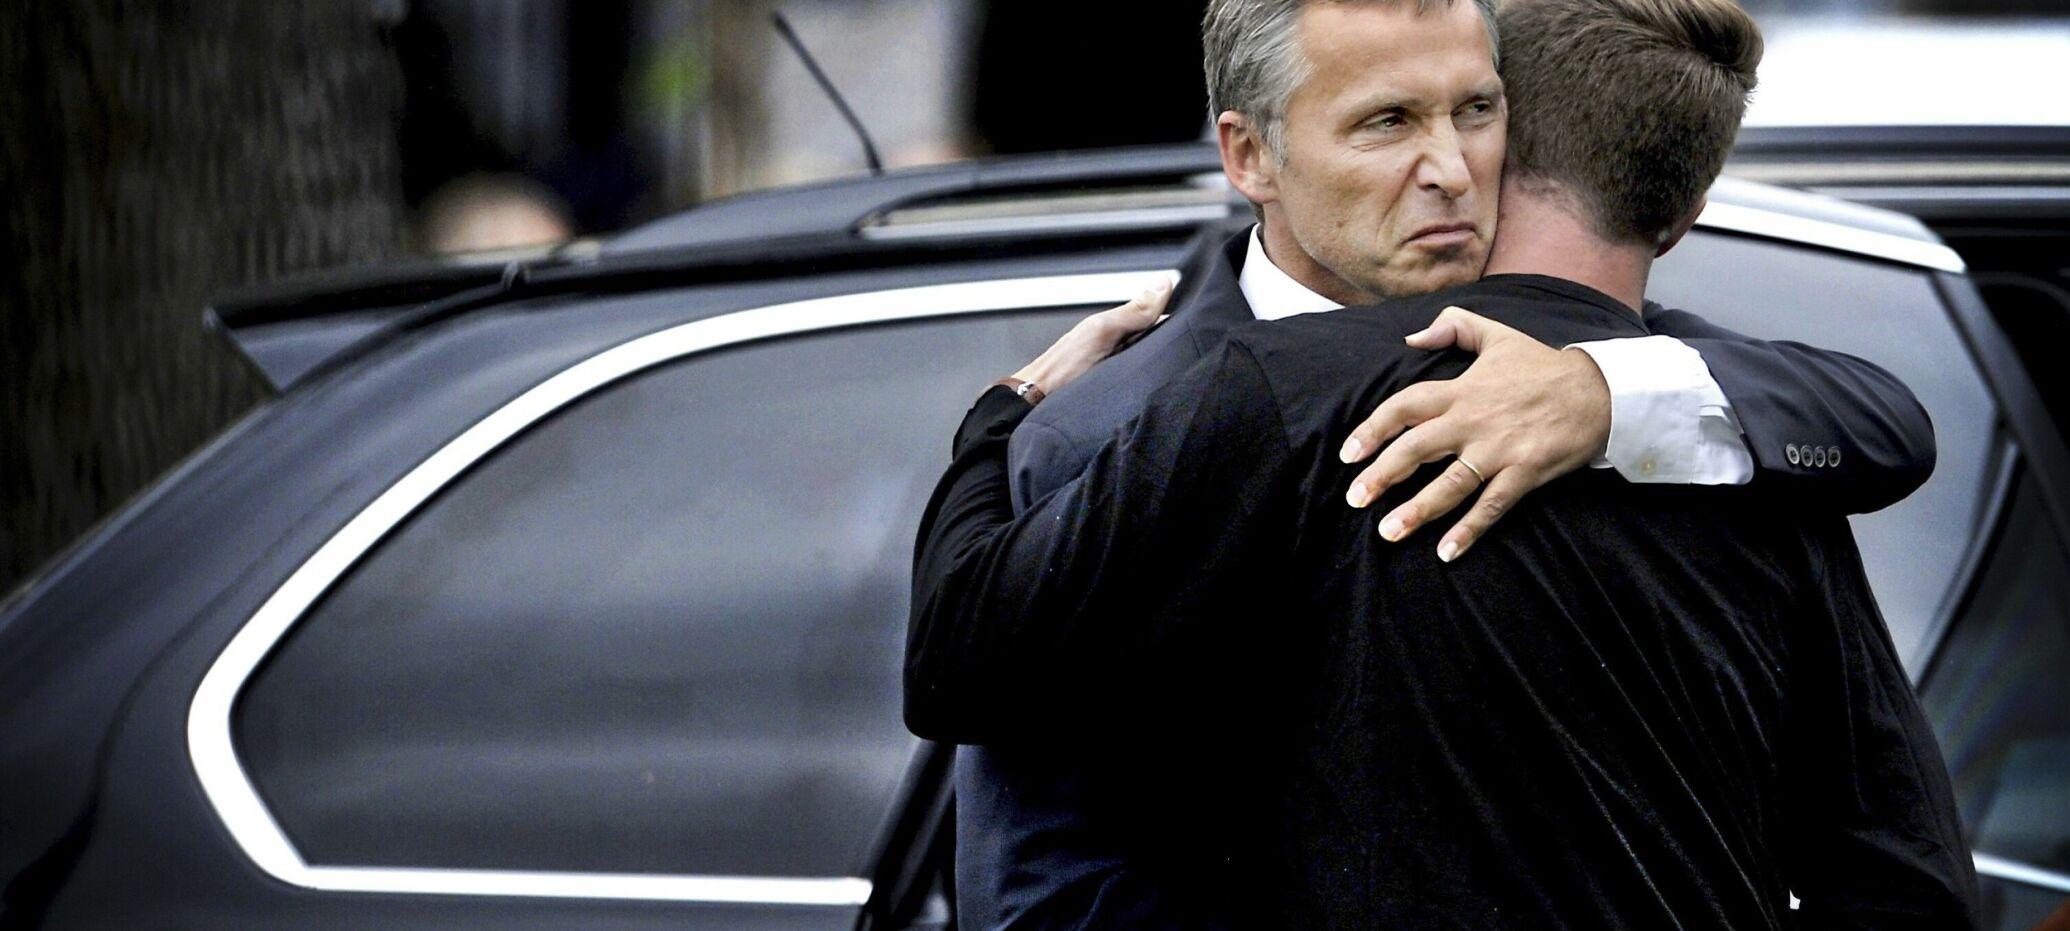 20110723 Stasminister Jens Stoltenberg mter Eskil Pedersen leder i AUF etter terrorhandlingen p Utya. Foto Hans A Vedlog.